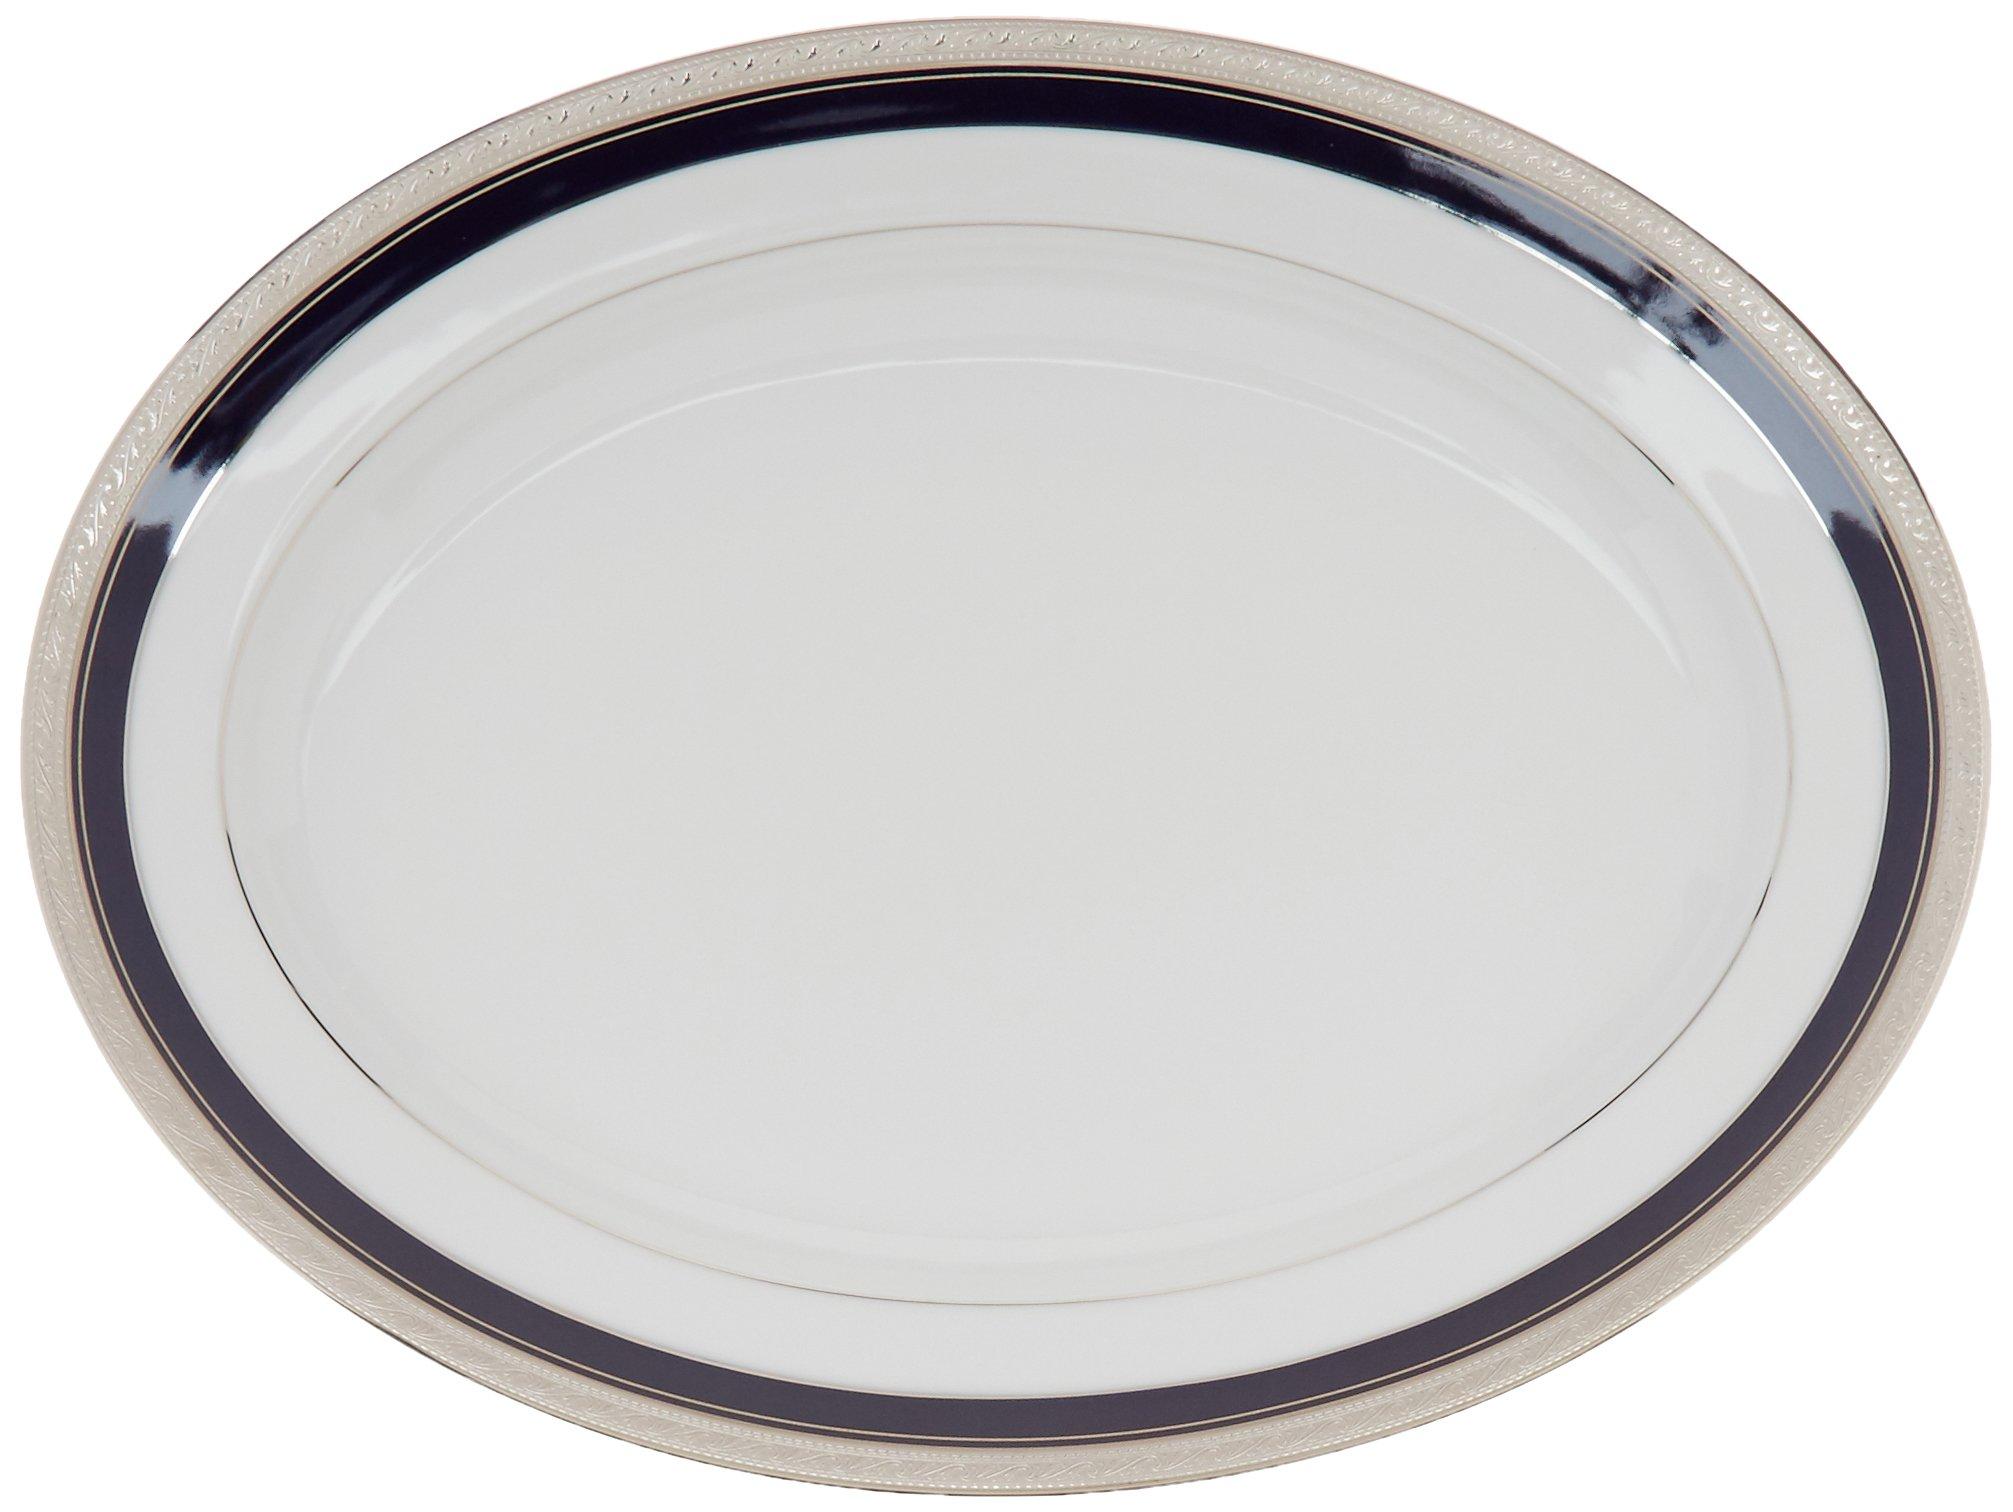 Noritake Crestwood Cobalt Platinum 16-Inch Oval Platter